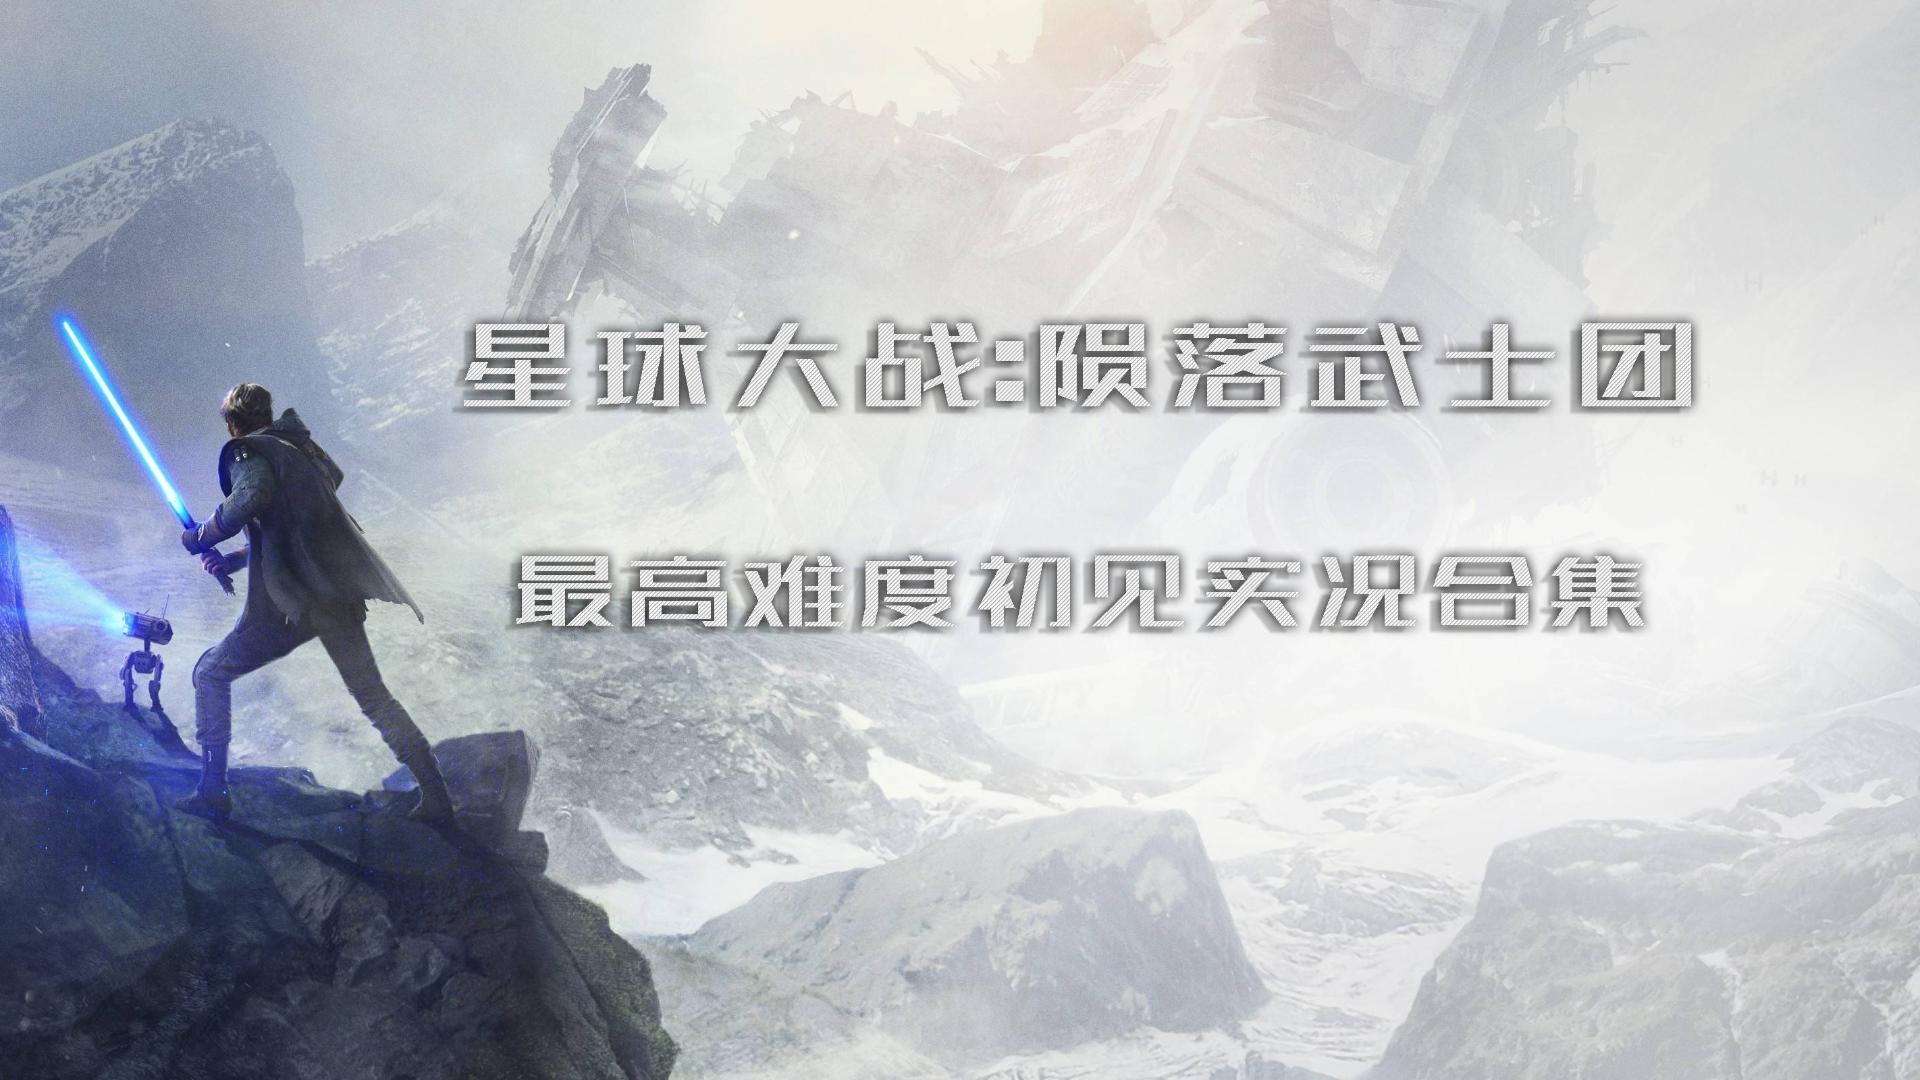 独臂玩家《星球大战:陨落武士团》最高难度初见实况合集